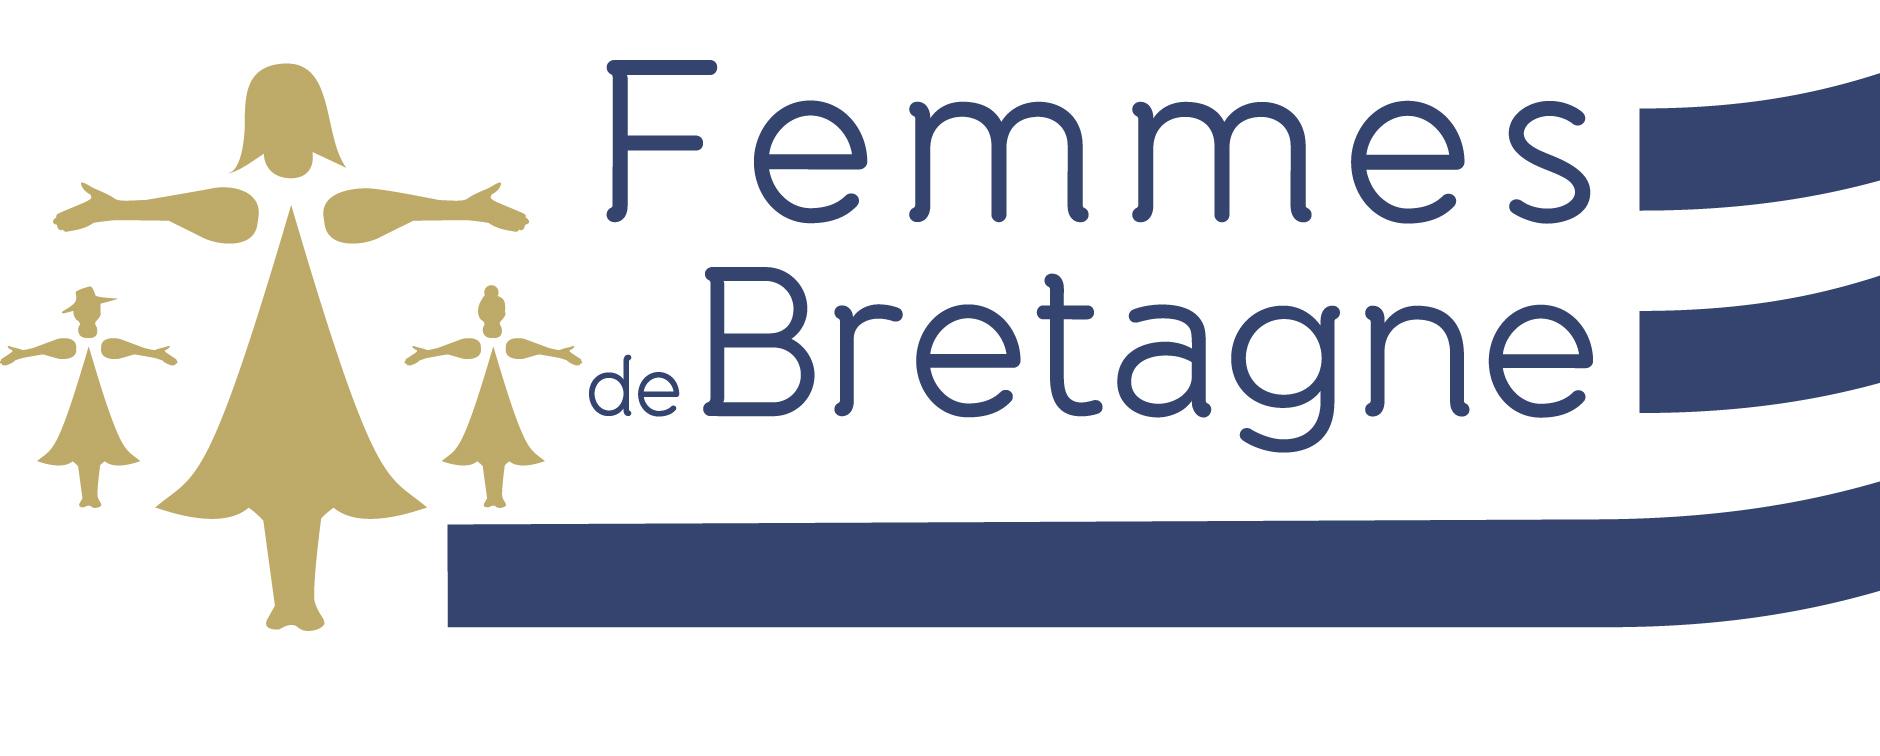 Femmes des Territoires - un réseau social d'entraide pour toutes les femmes qui souhaitent entreprendre, partout en France, et pour toutes celles qui veulent les aider.